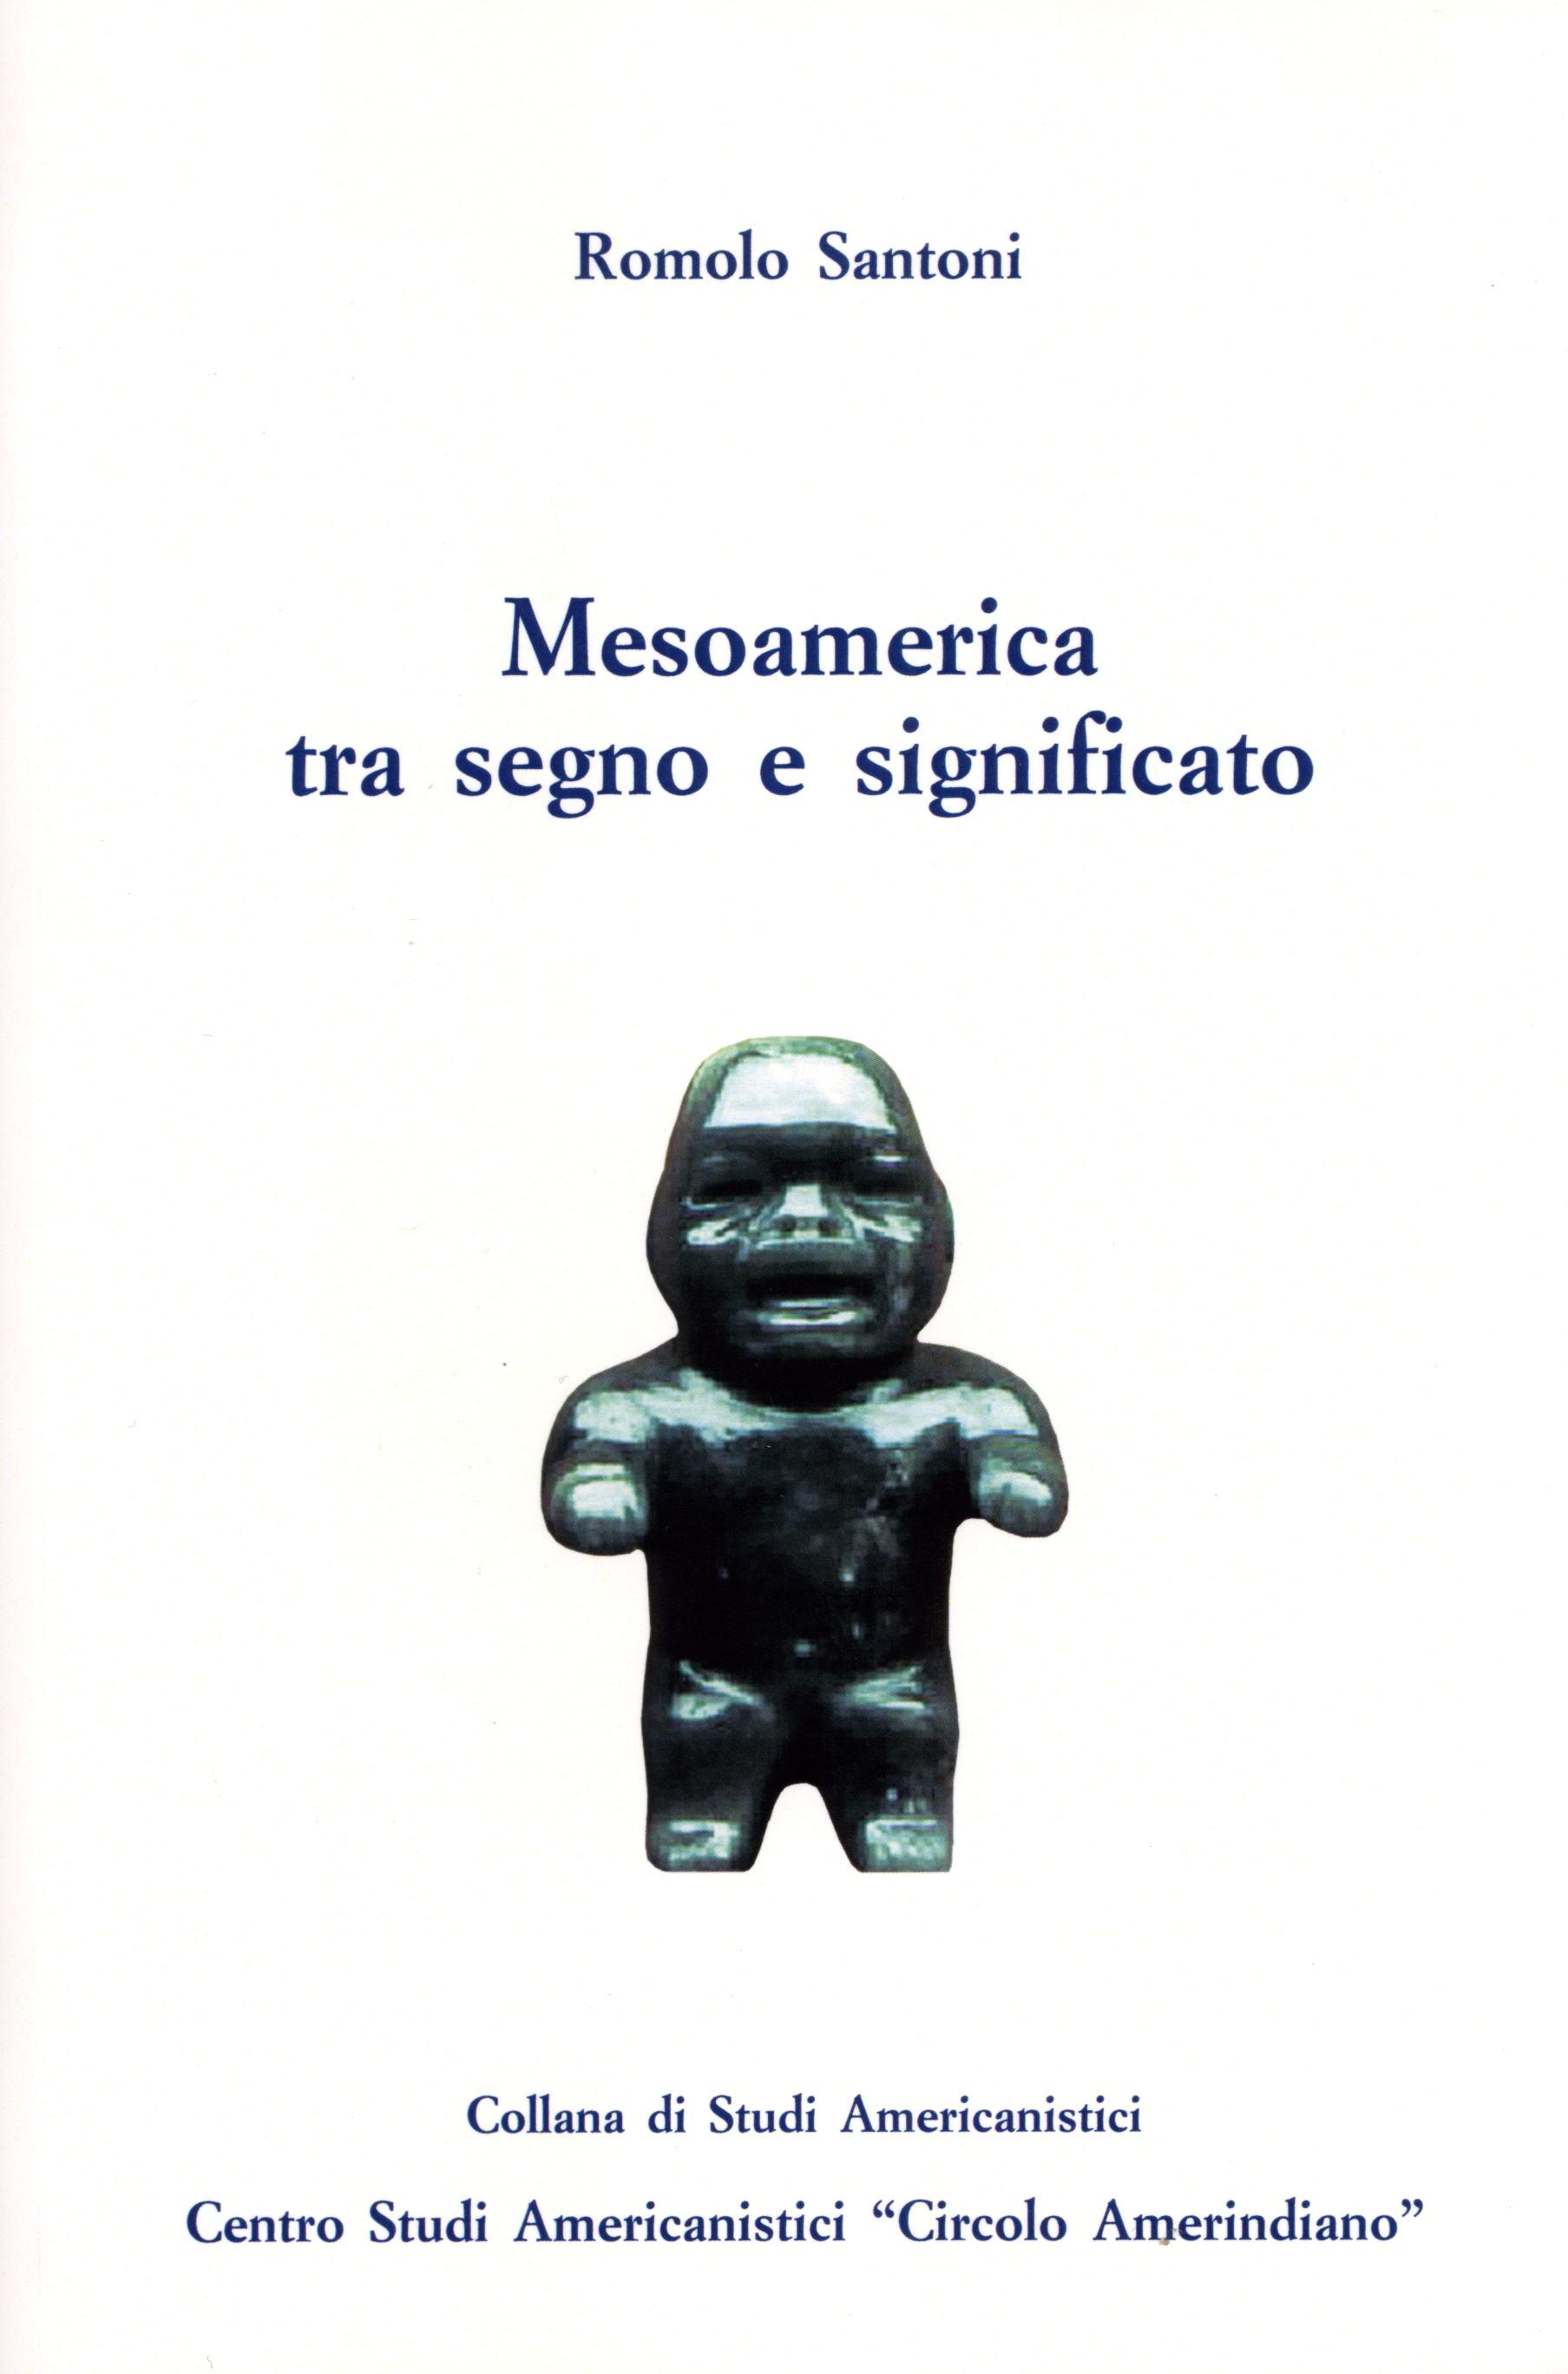 Mesoamerica tra segno e significato